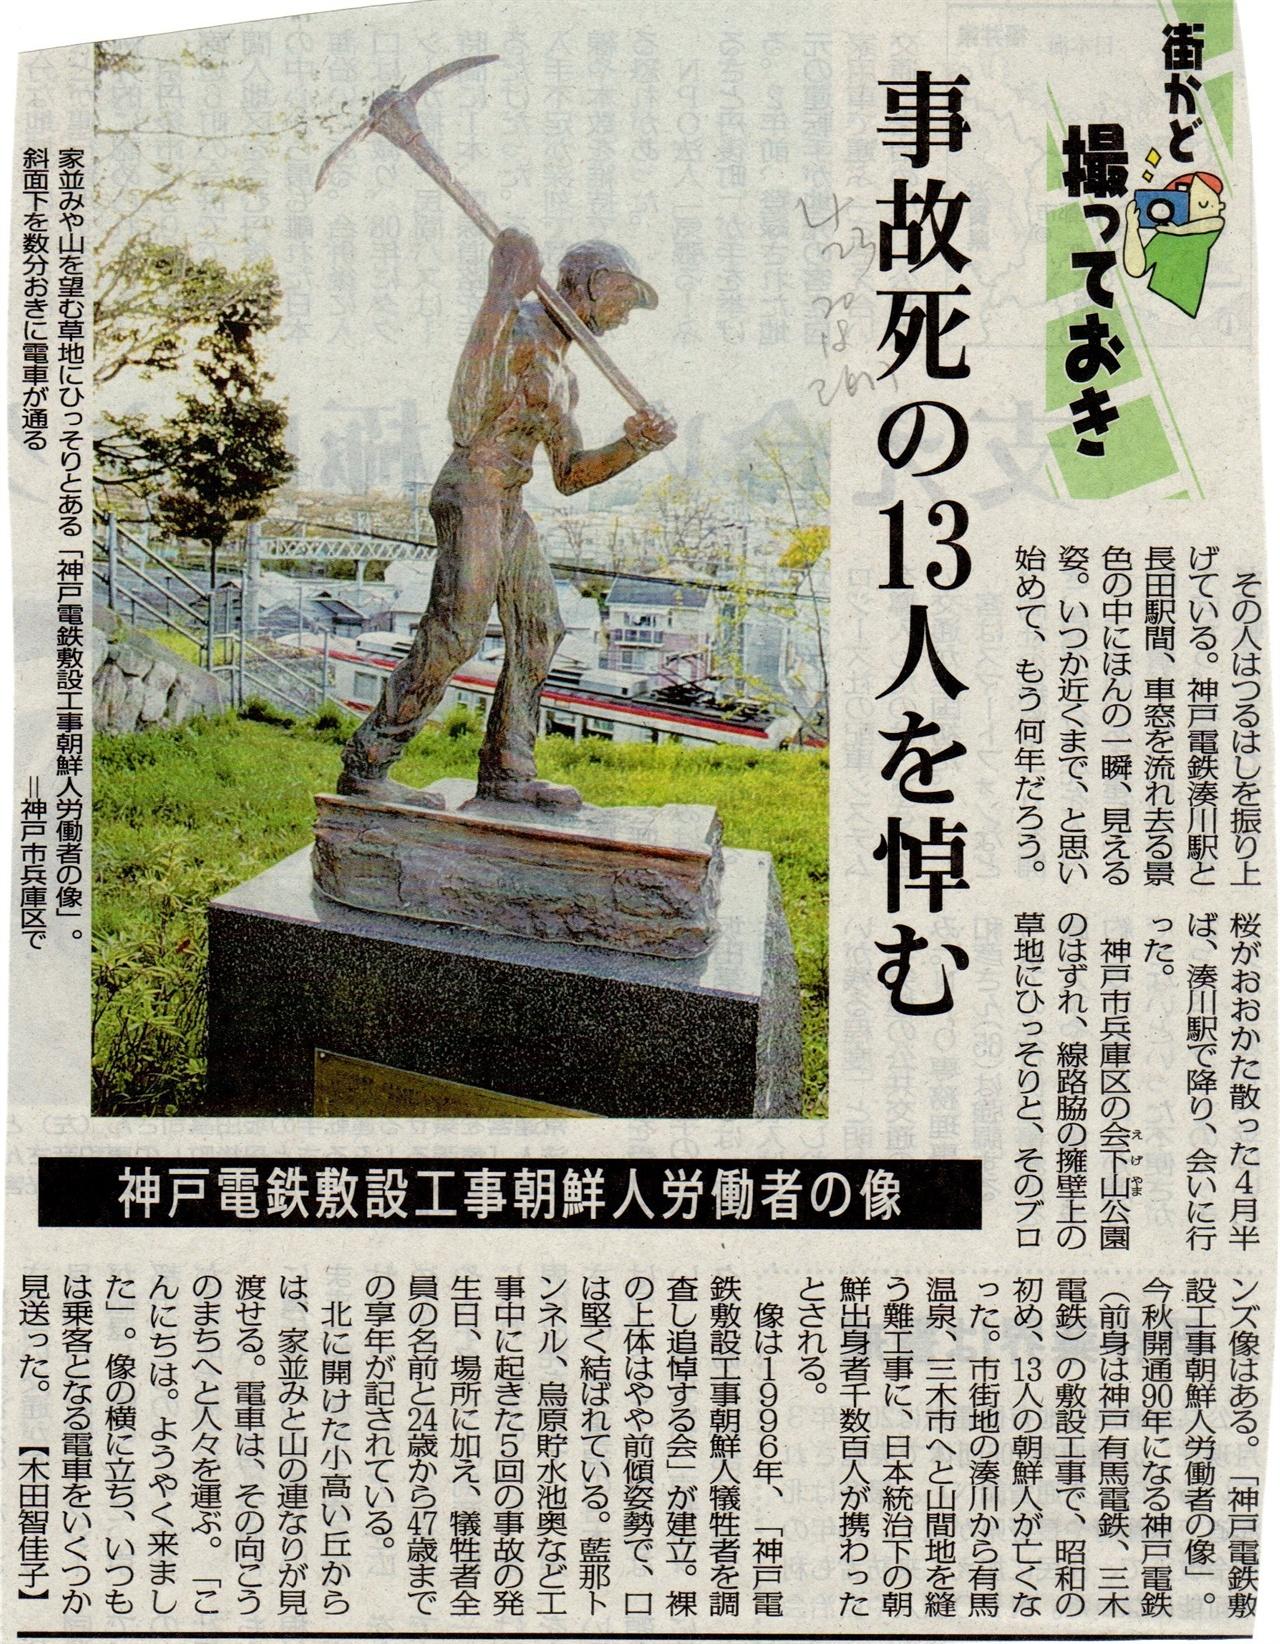 2018년 4월 23일, 고베신문에 실린 조선인 노동자 동상 관련 기사입니다.